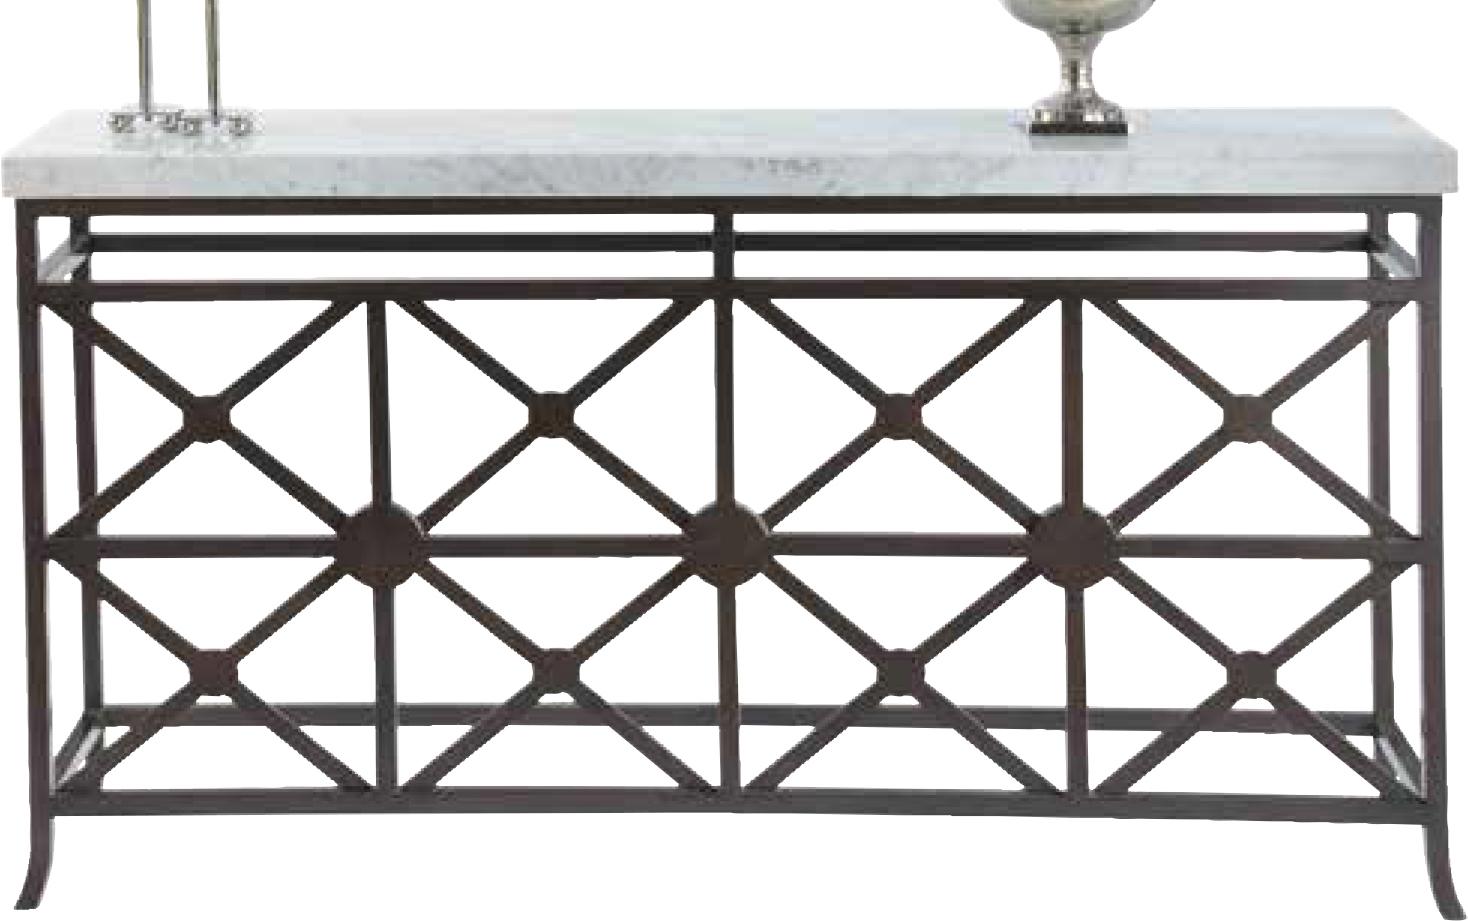 CHELSEA HOUSE столик приставной к спинке дивана 380134 380134